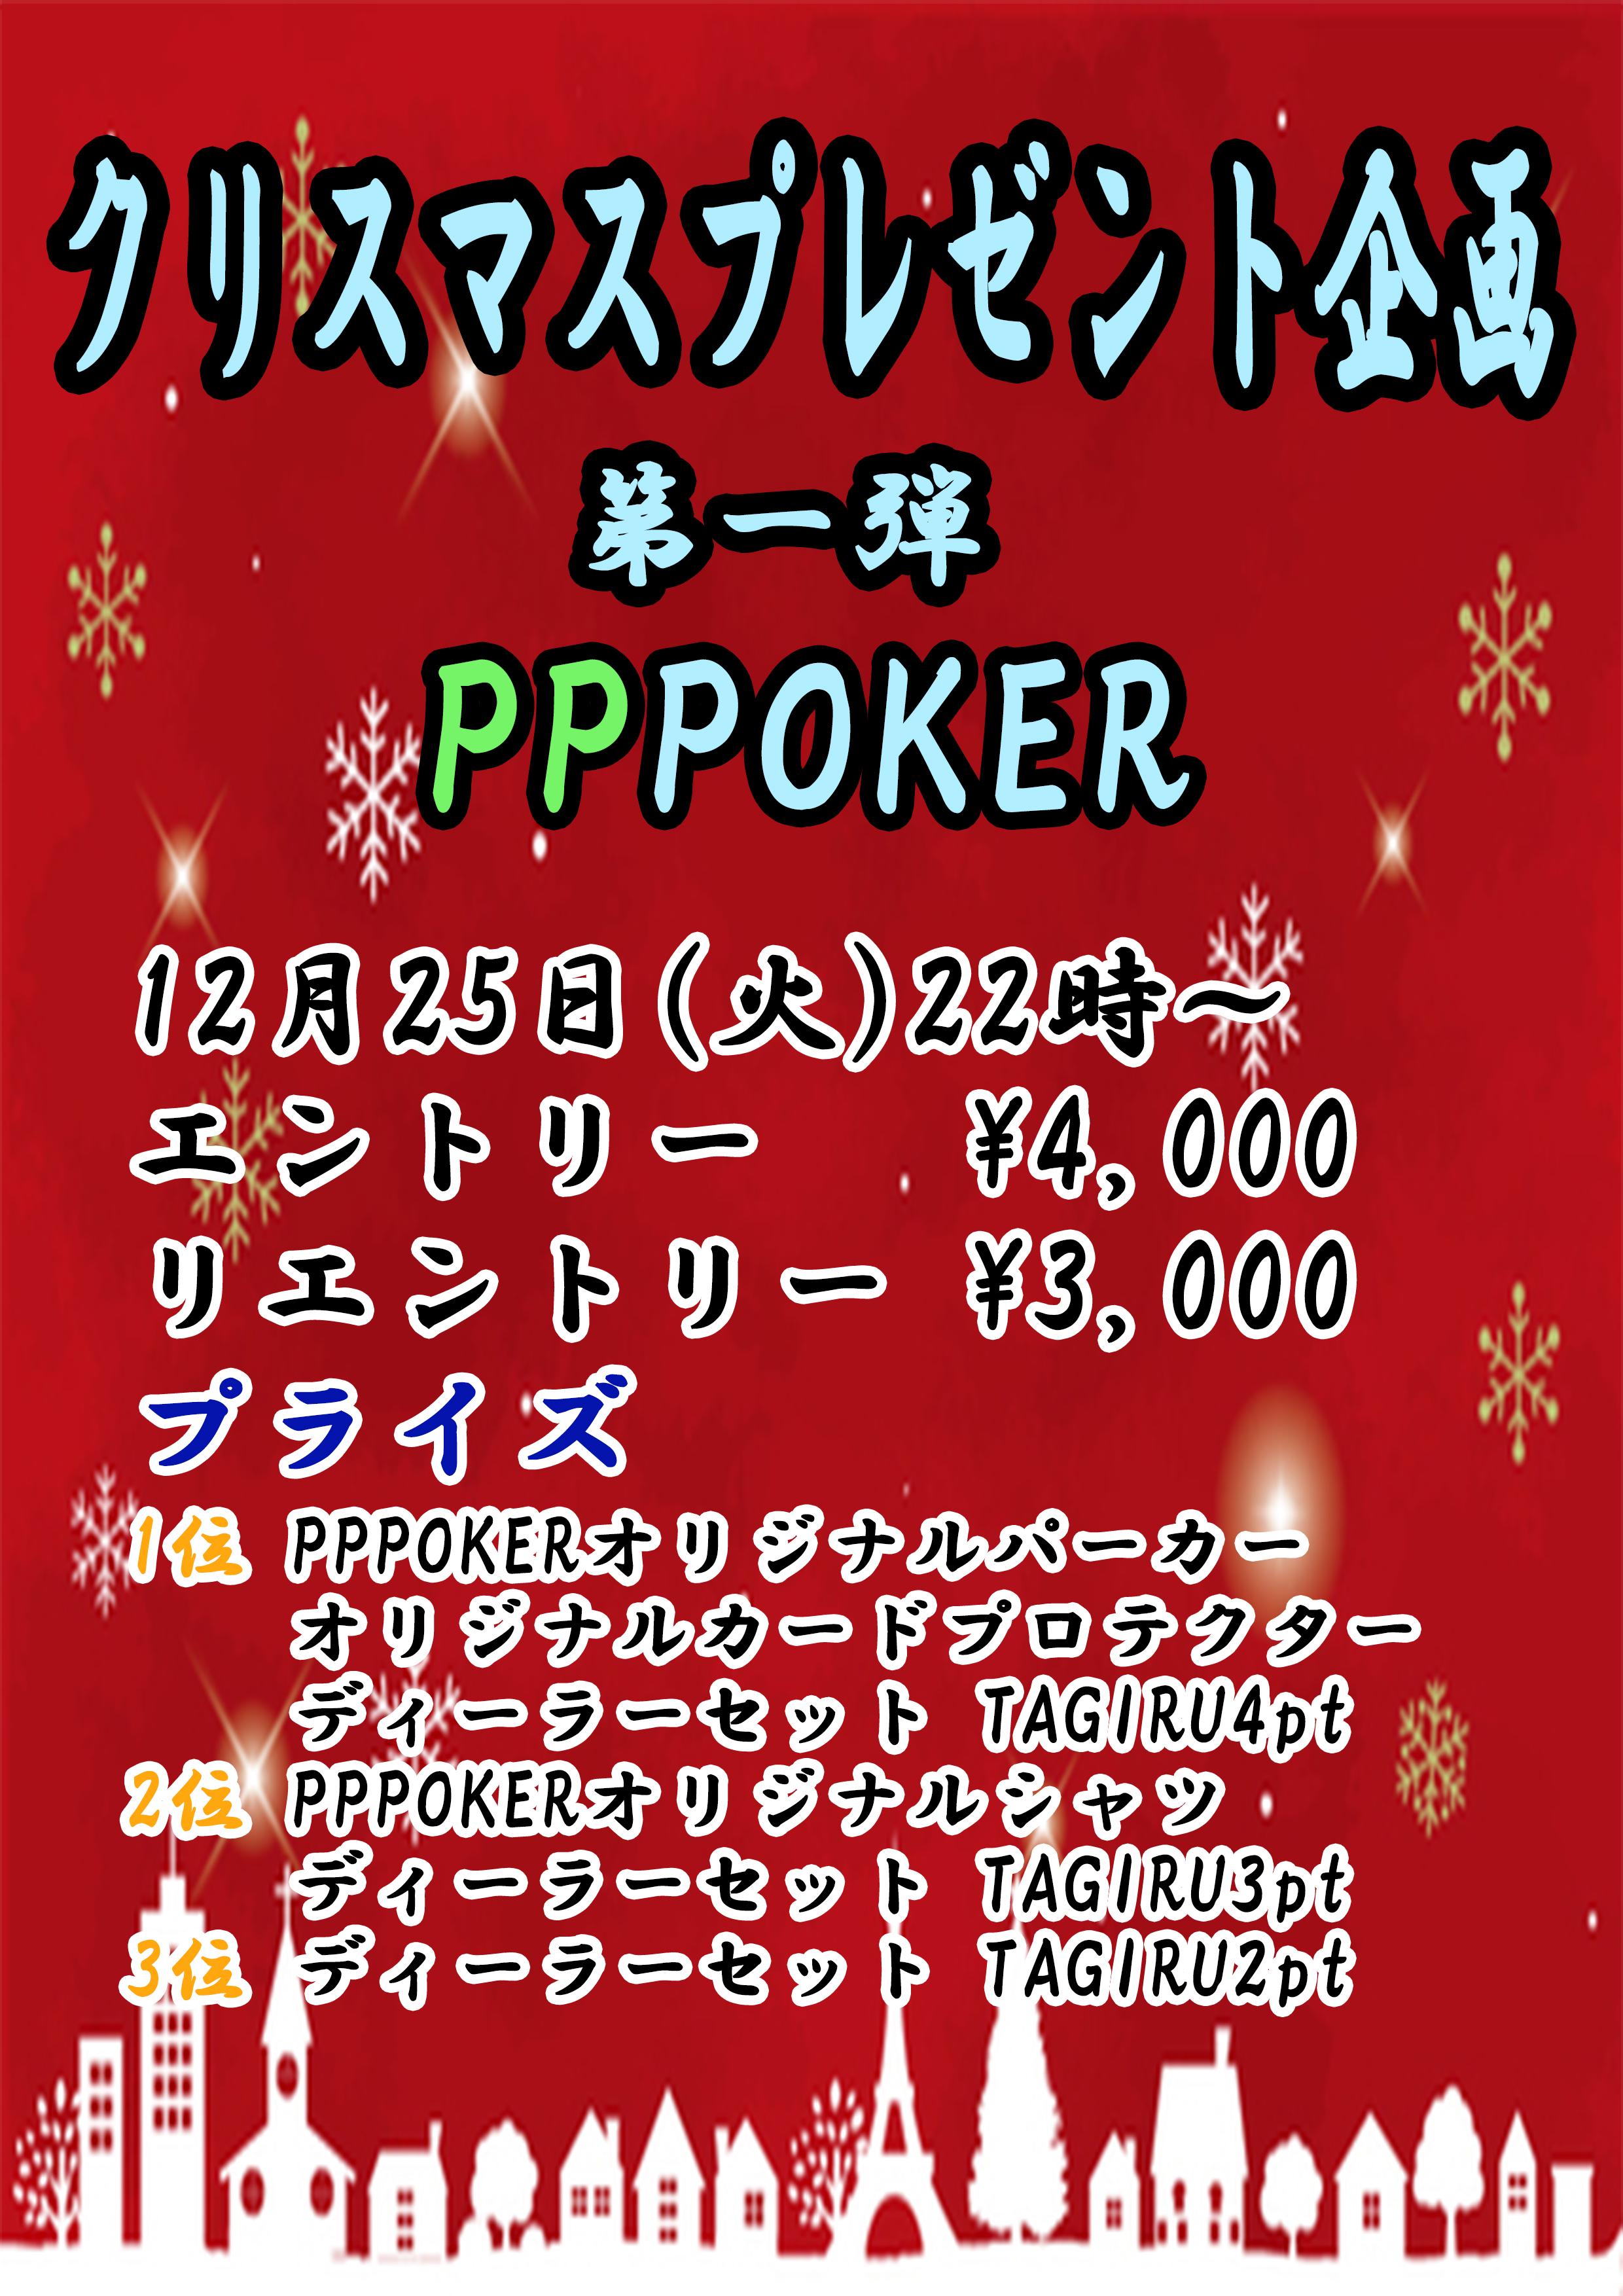 クリスマス プレゼント企画開催!12月25日